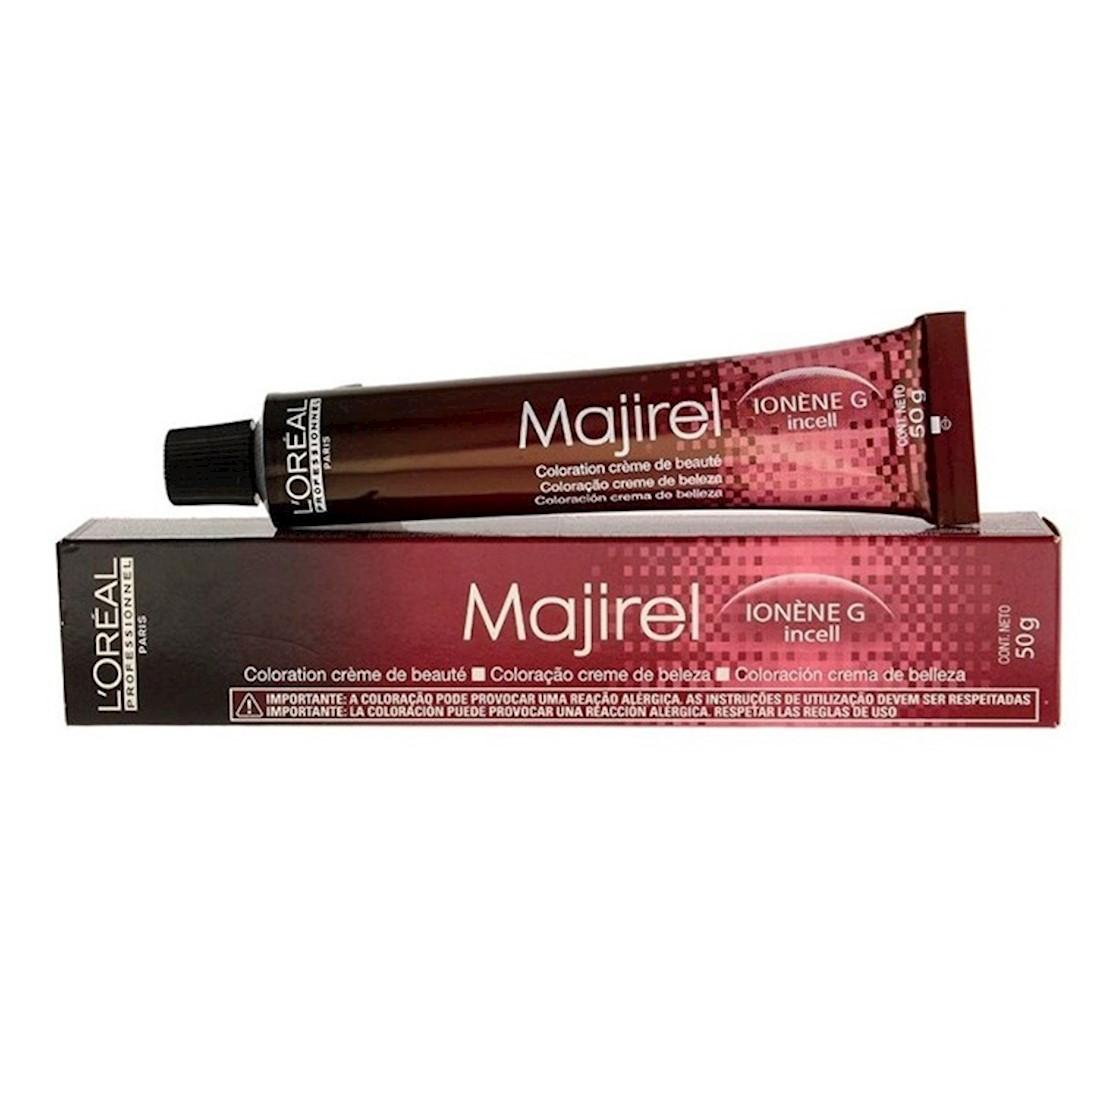 Coloração Majirel 1 (Preto) da L'Oreal 50g Bisnaga